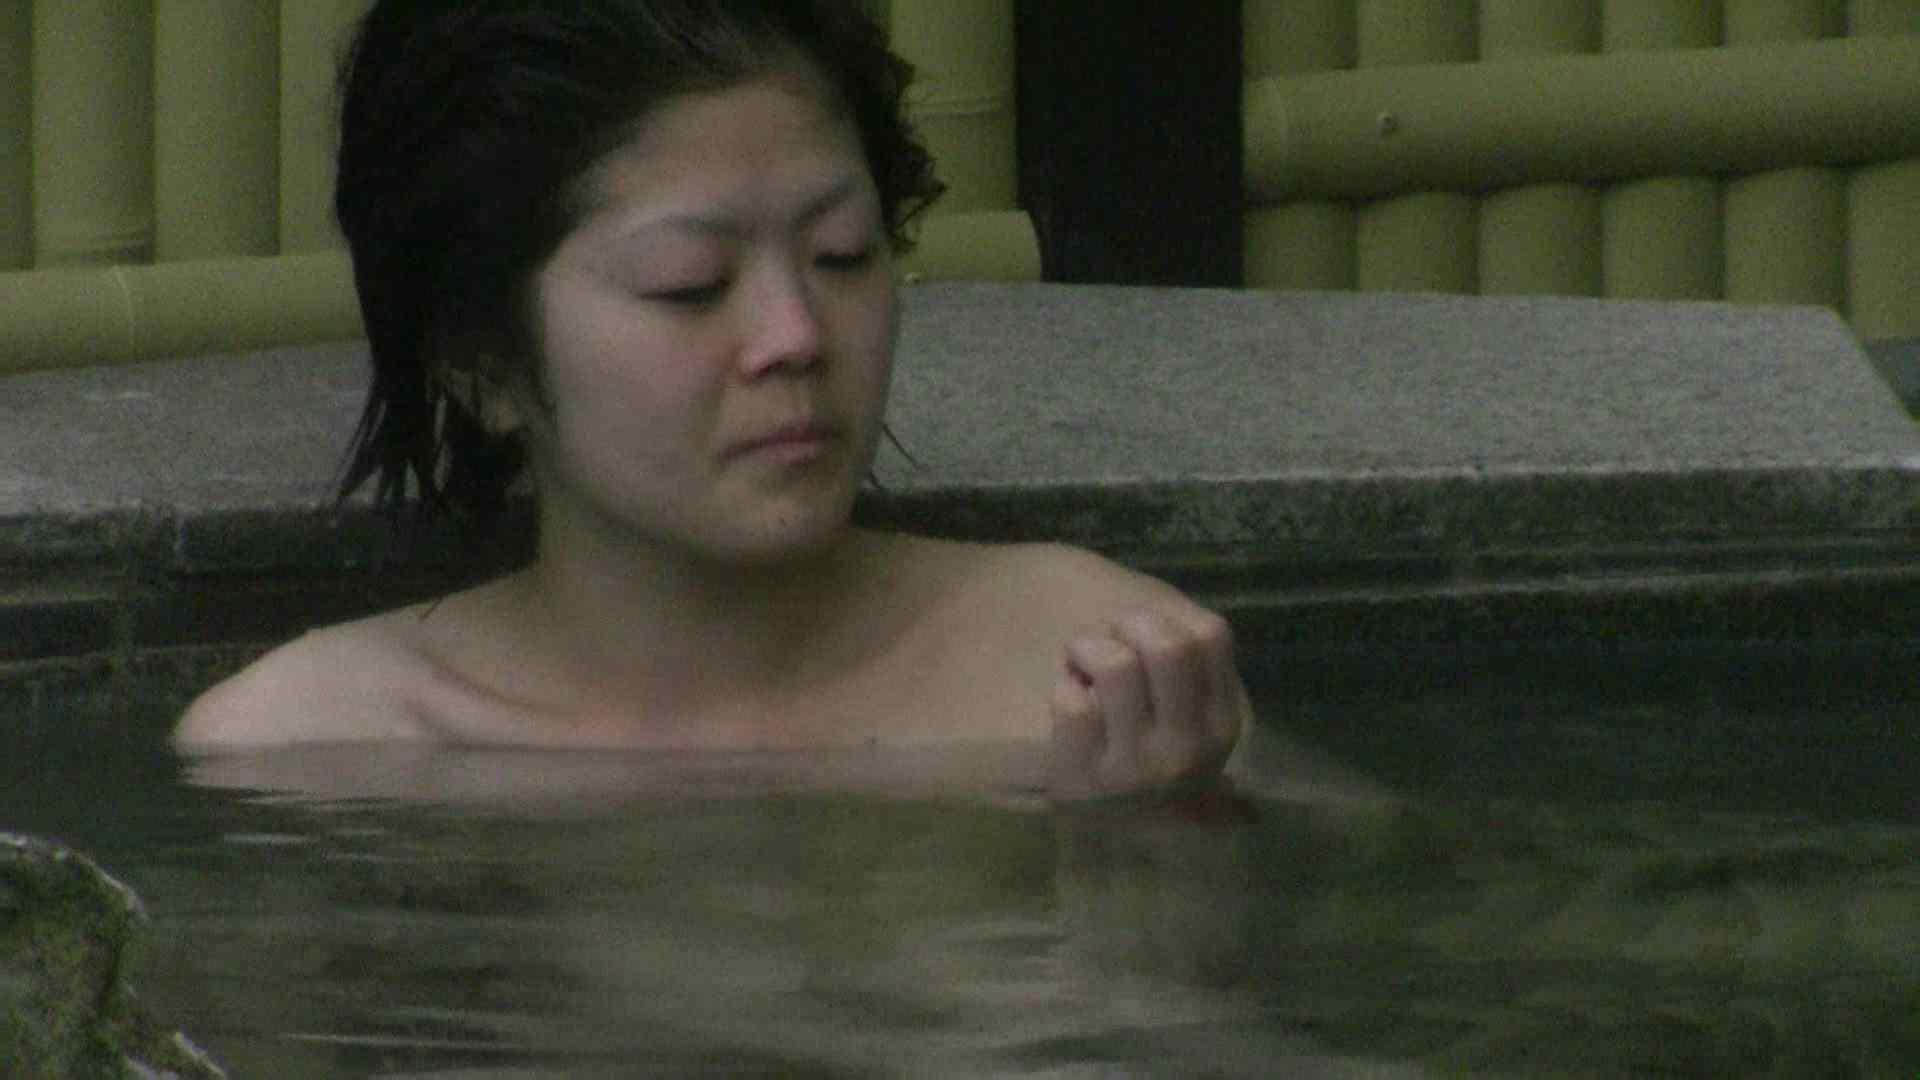 Aquaな露天風呂Vol.538 OLのエロ生活  90連発 90